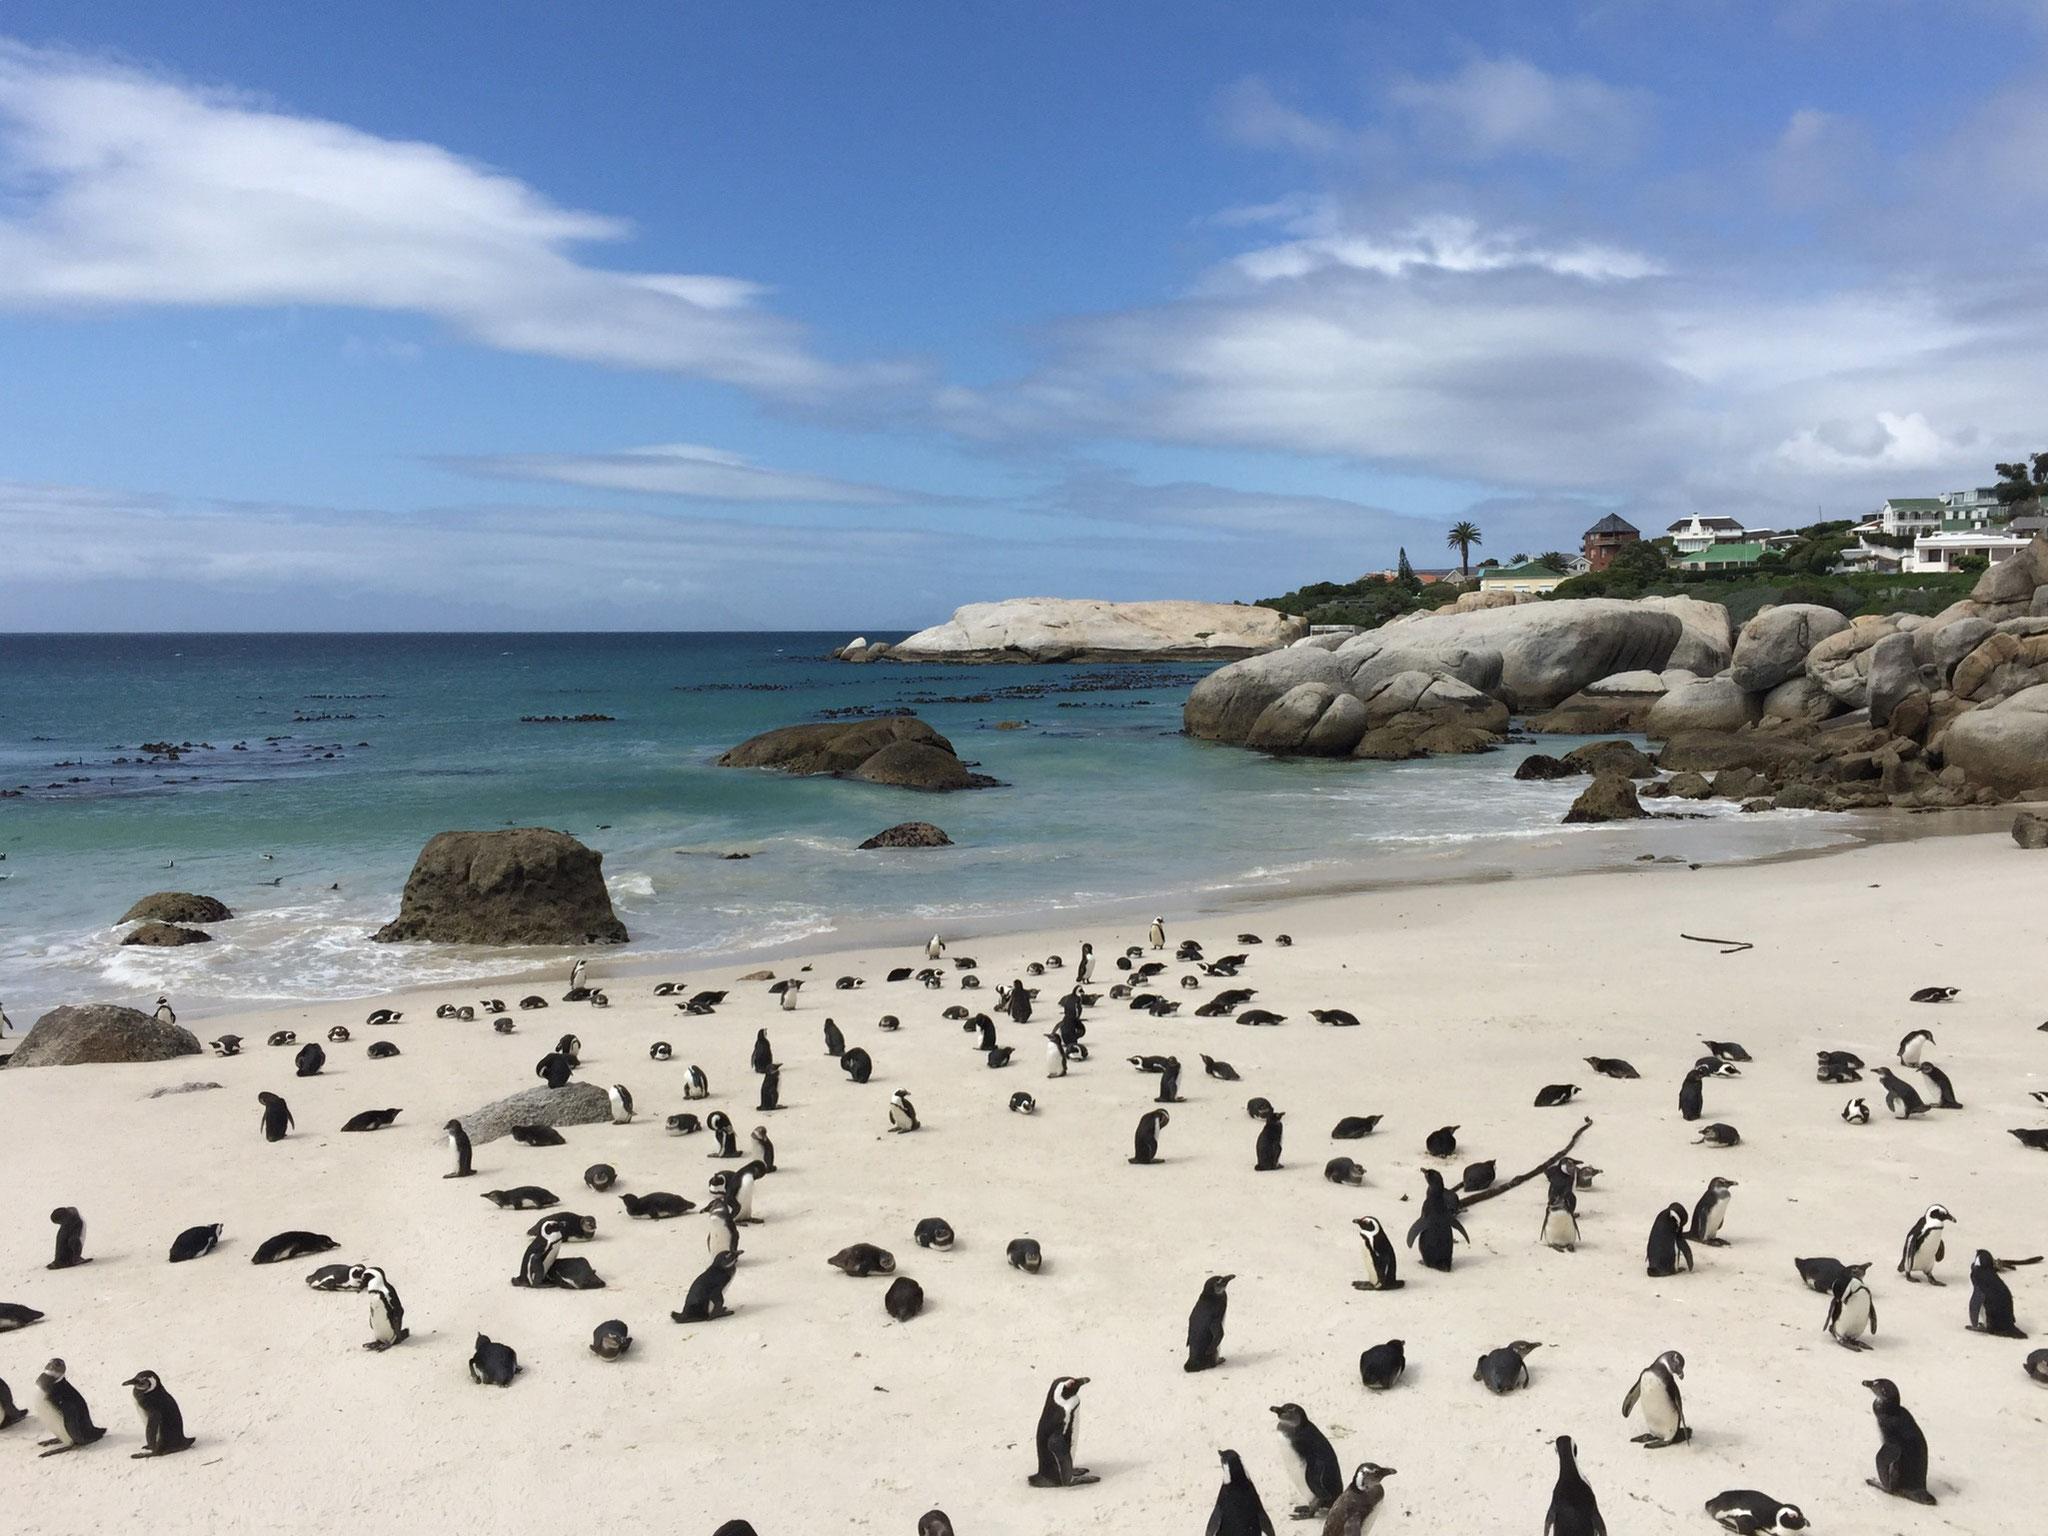 Pinguine am Boulders Beach in Simon's Town südlich von Kapstadt